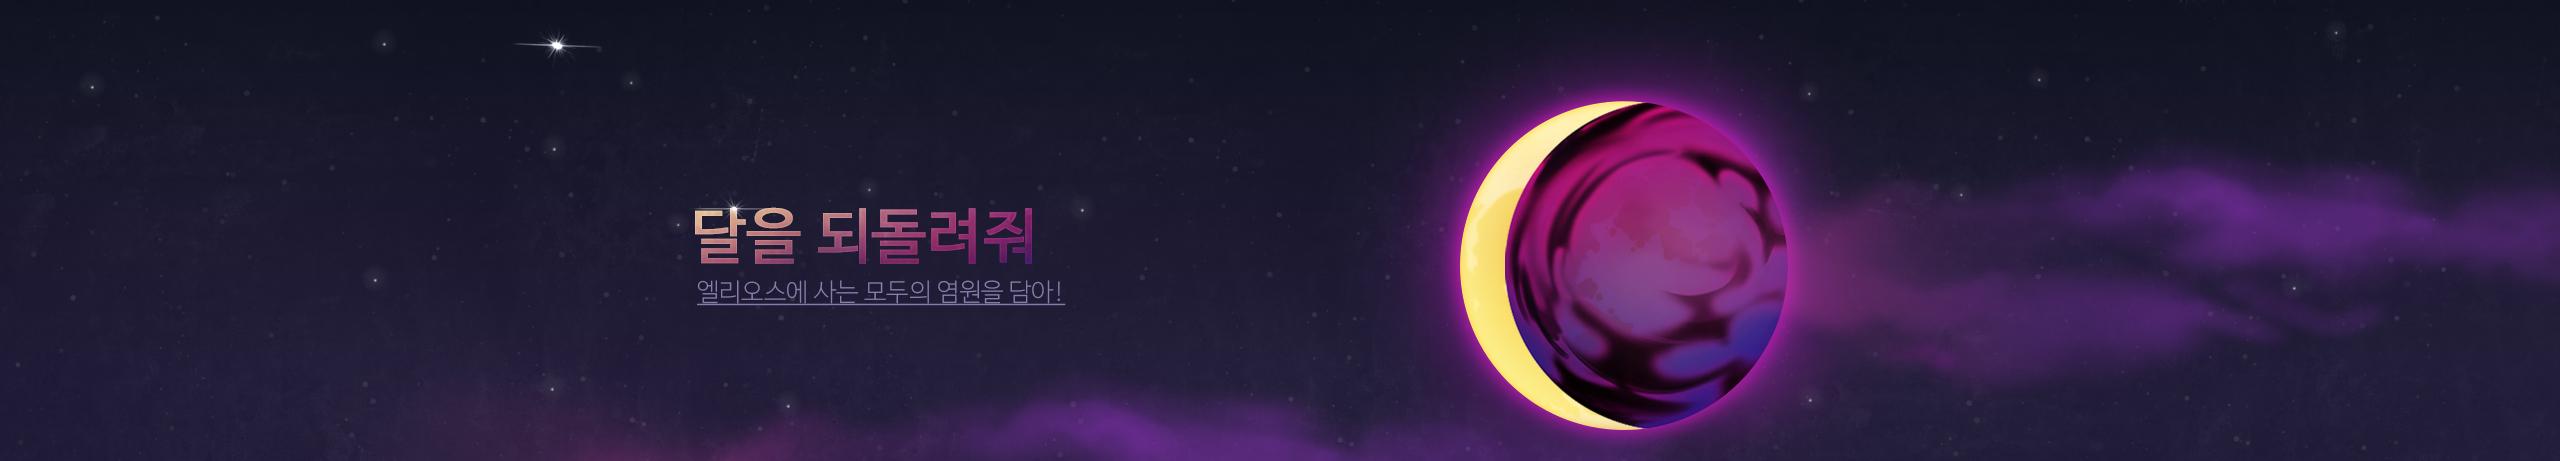 달을 되돌려줘(추석 이벤트) 이동